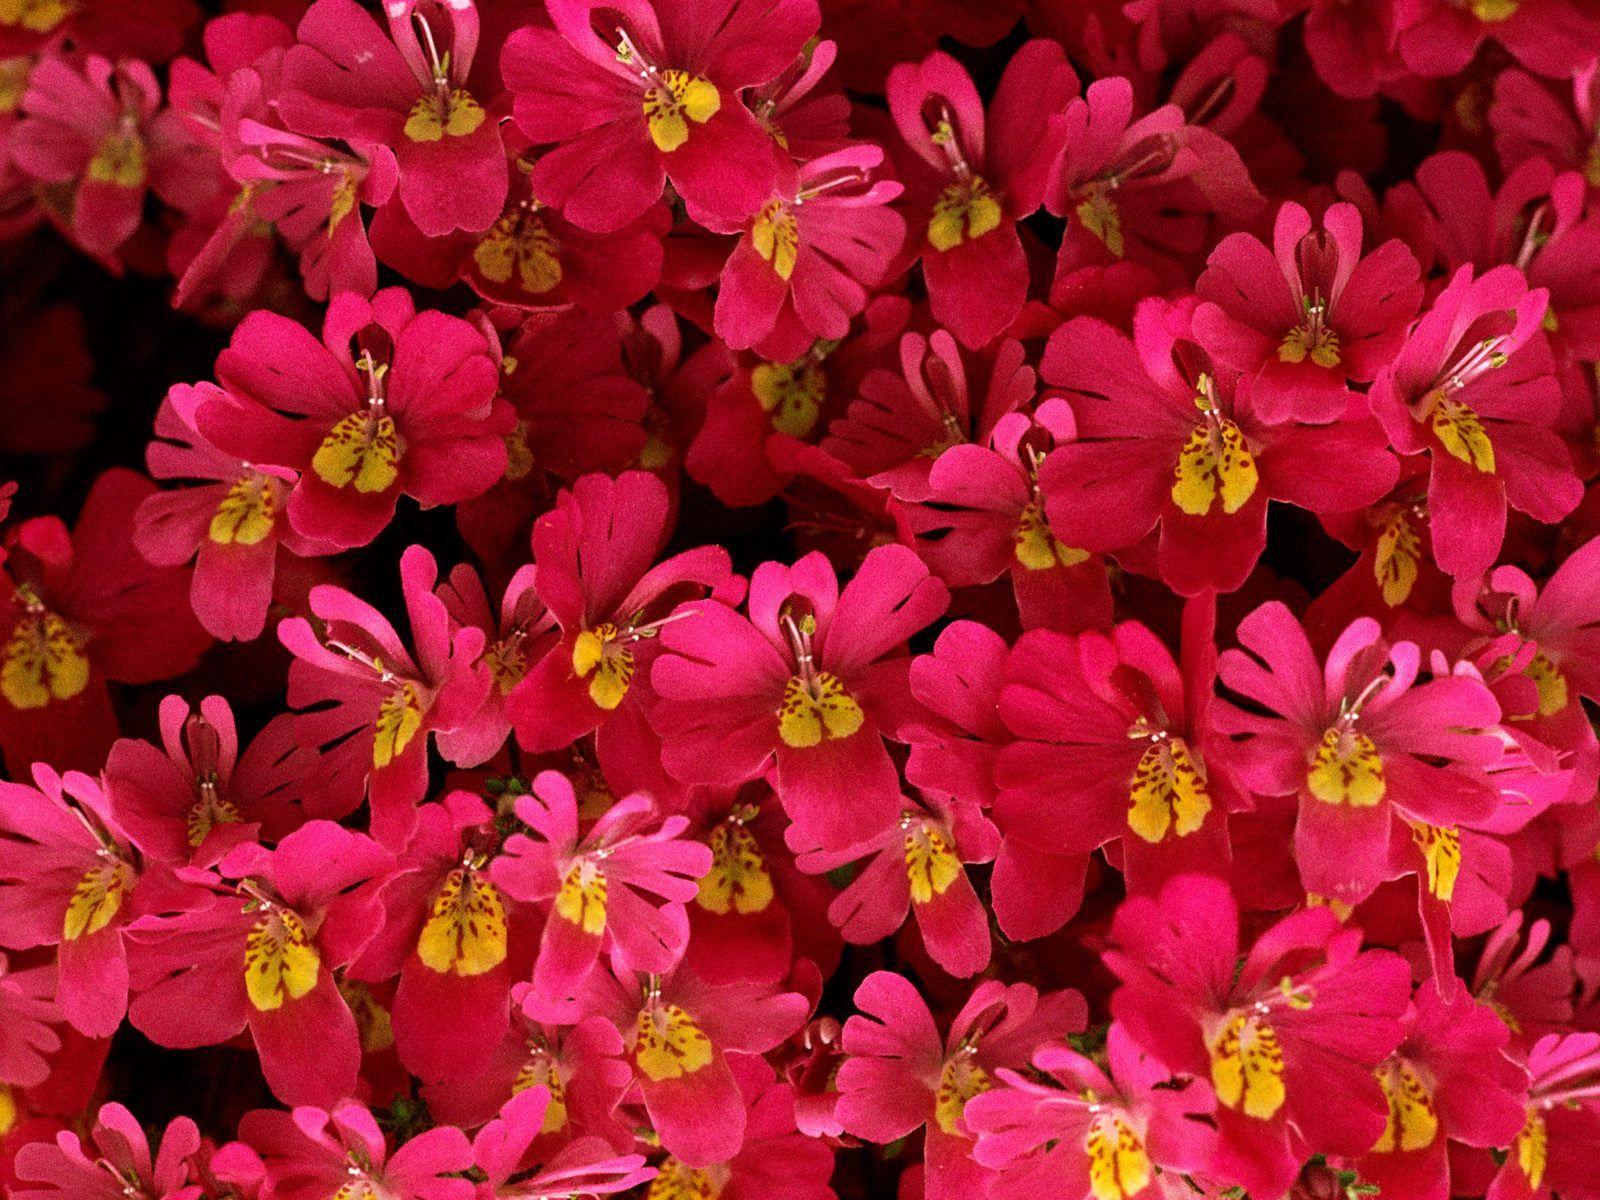 Impatiens Flowers - http://imashon.com/w/impatiens-flowers.html